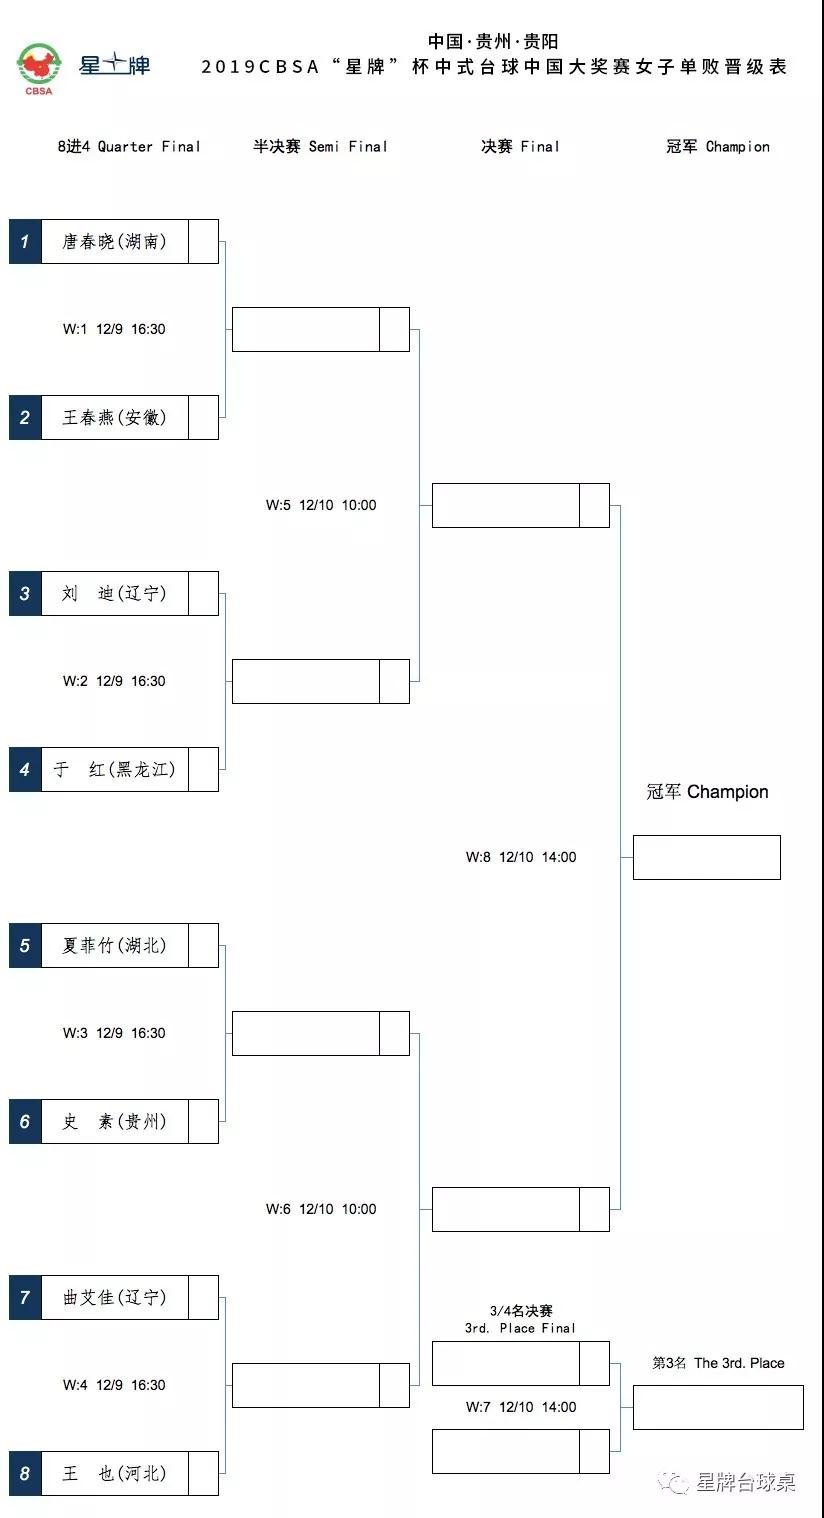 cbsa星牌杯大奖赛会内赛 女子单败双败晋级表